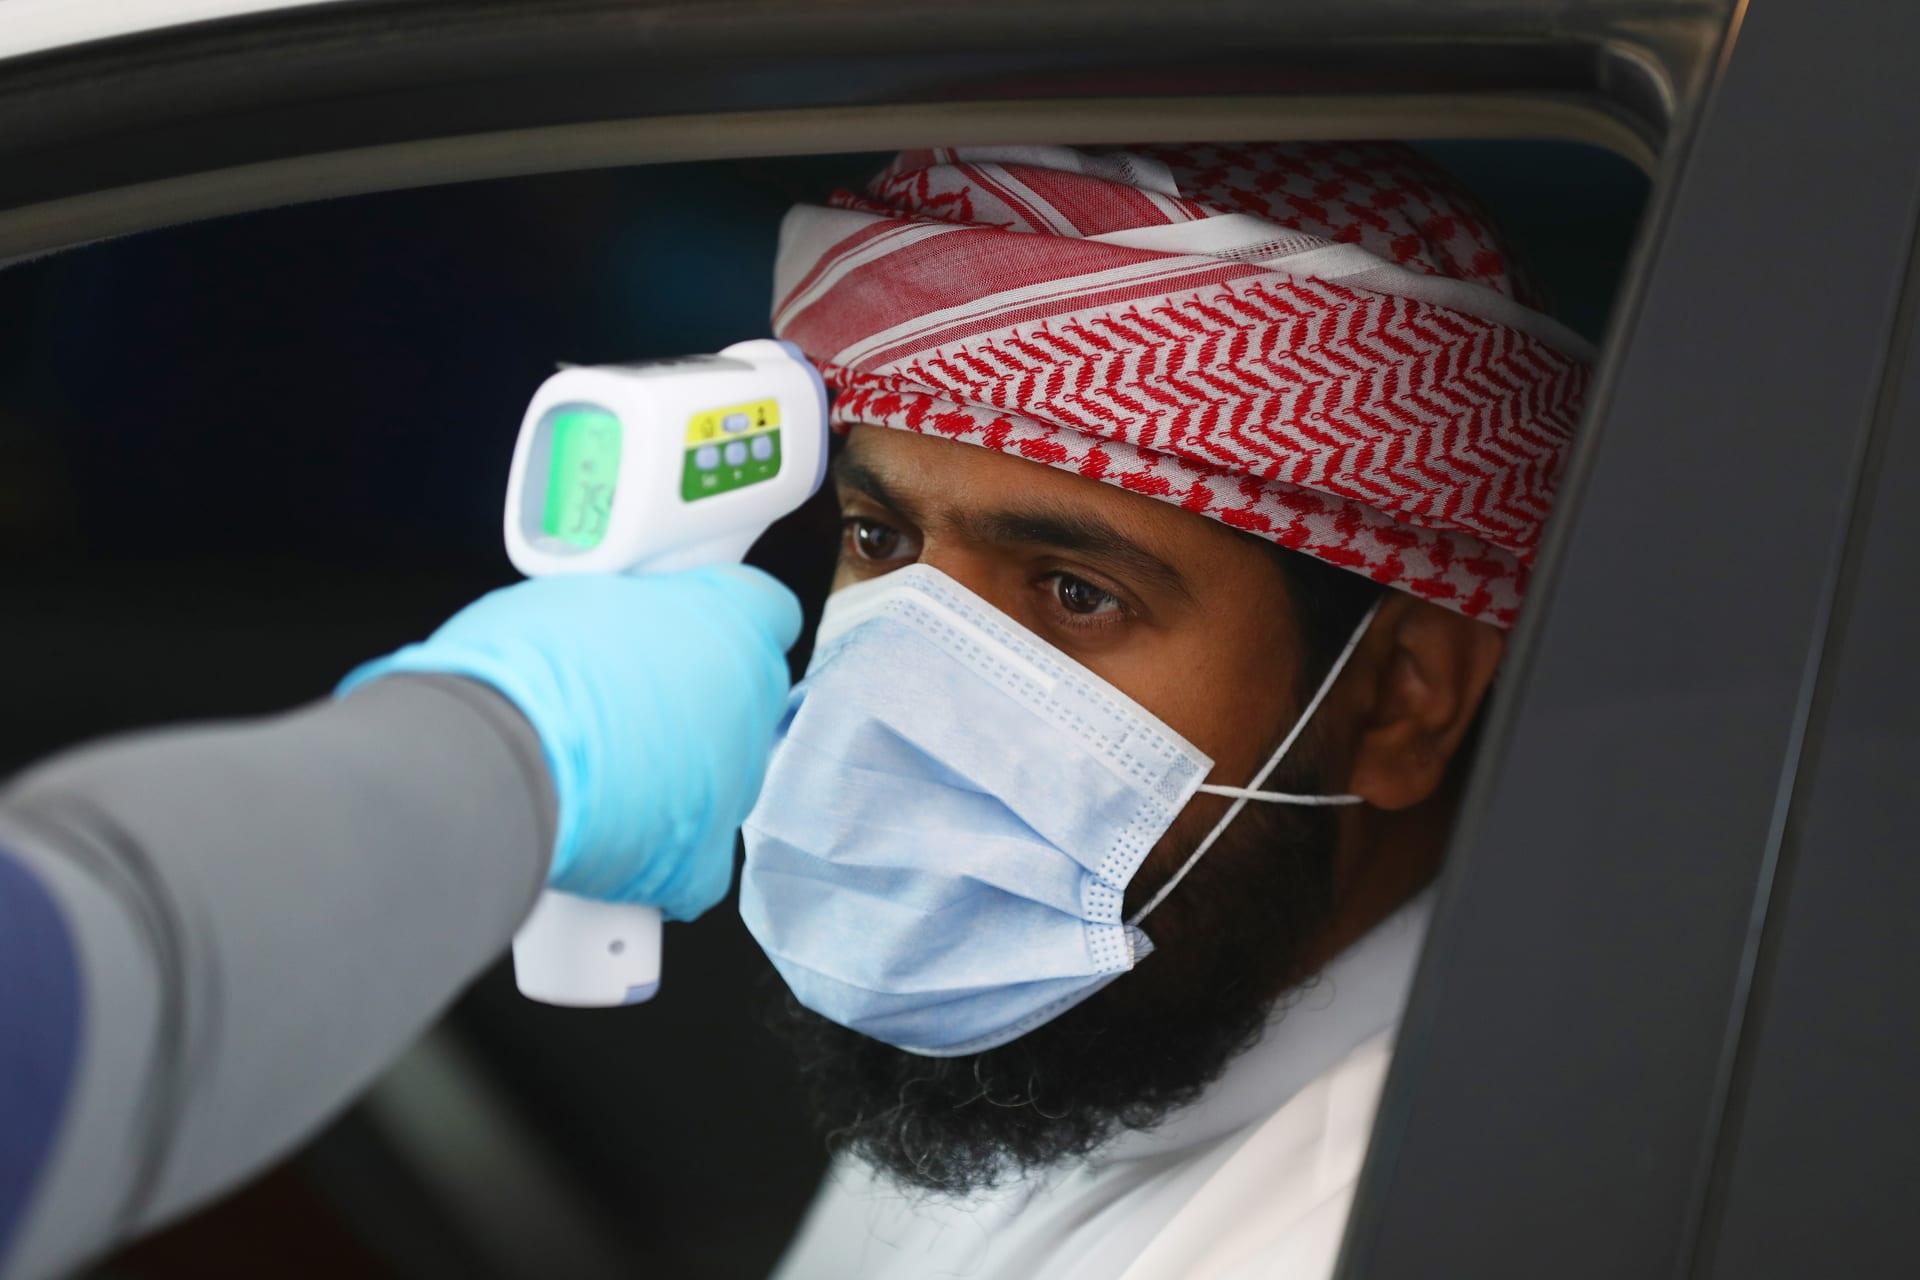 دول مجلس التعاون الخليجي تتجاوز مليون حالة إصابة بفيروس كورونا